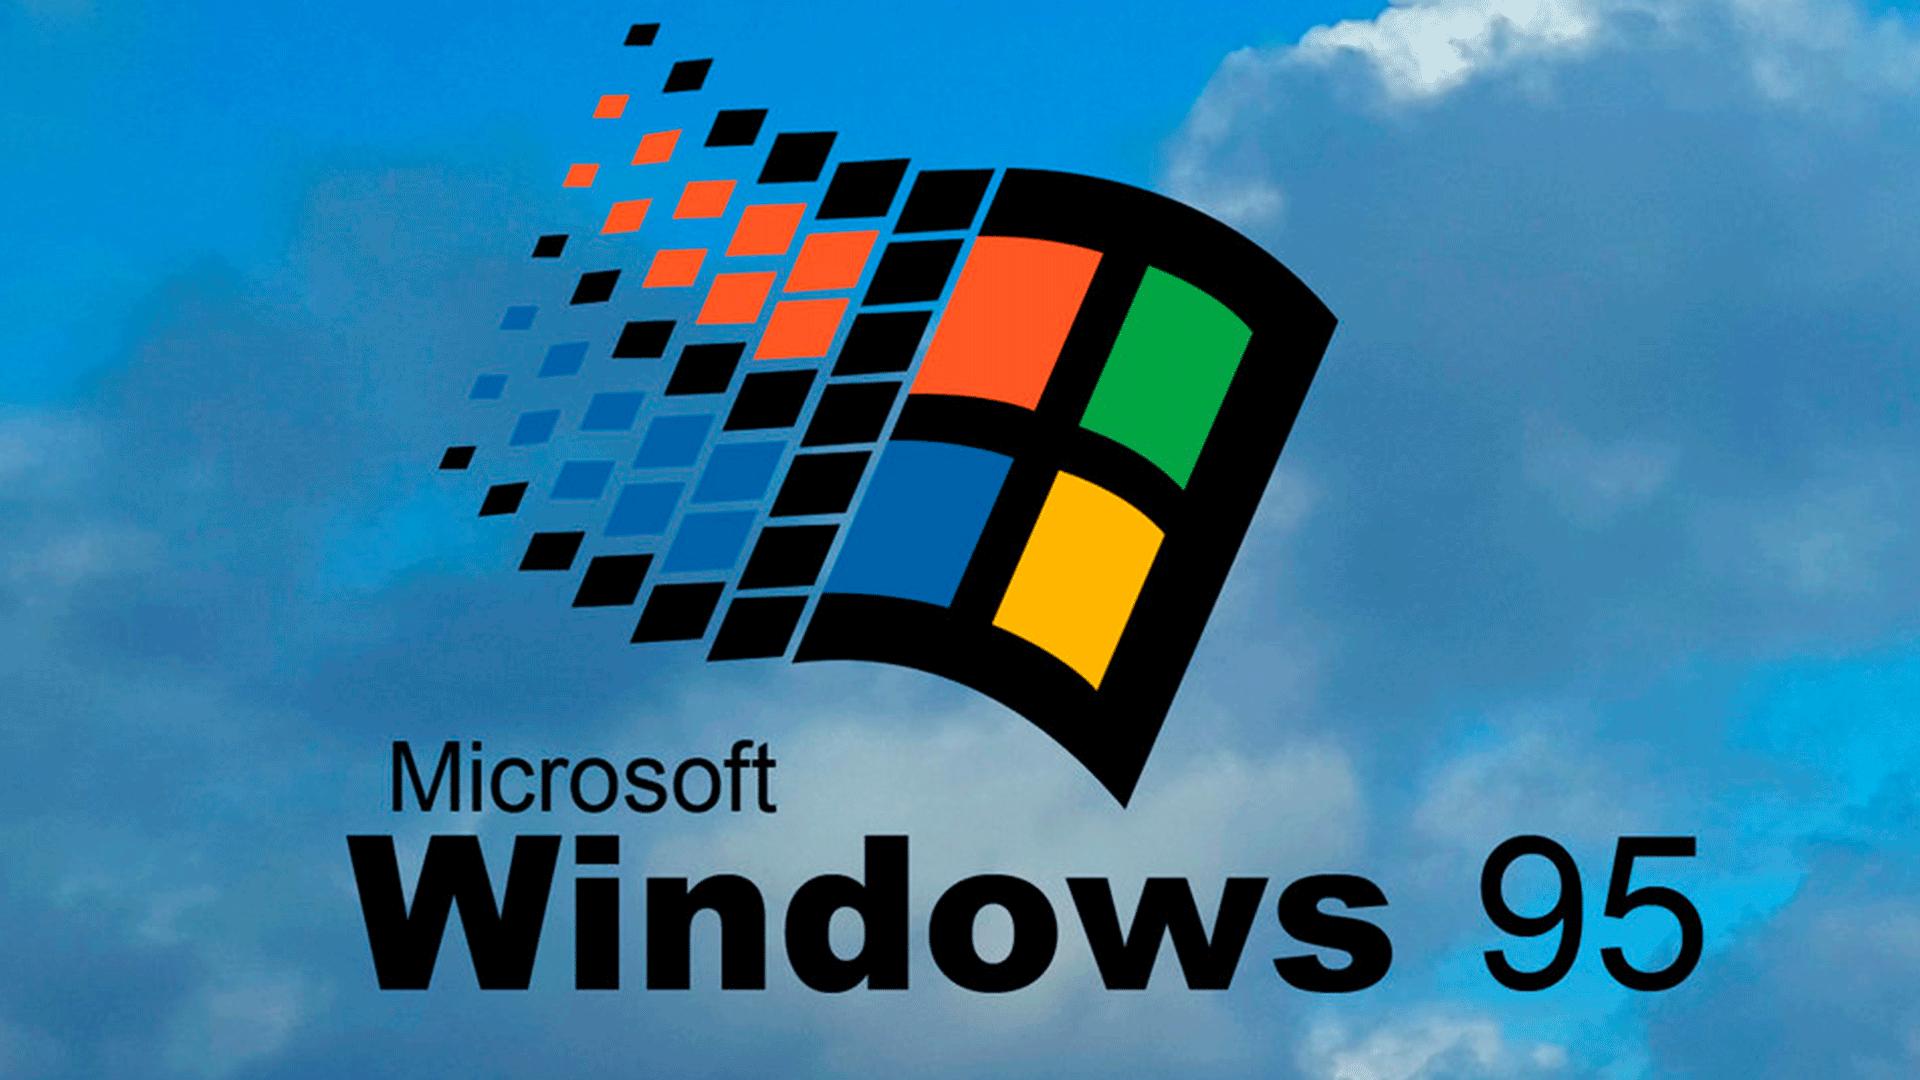 23 - Baixe esse app e relembre o saudoso Windows 95